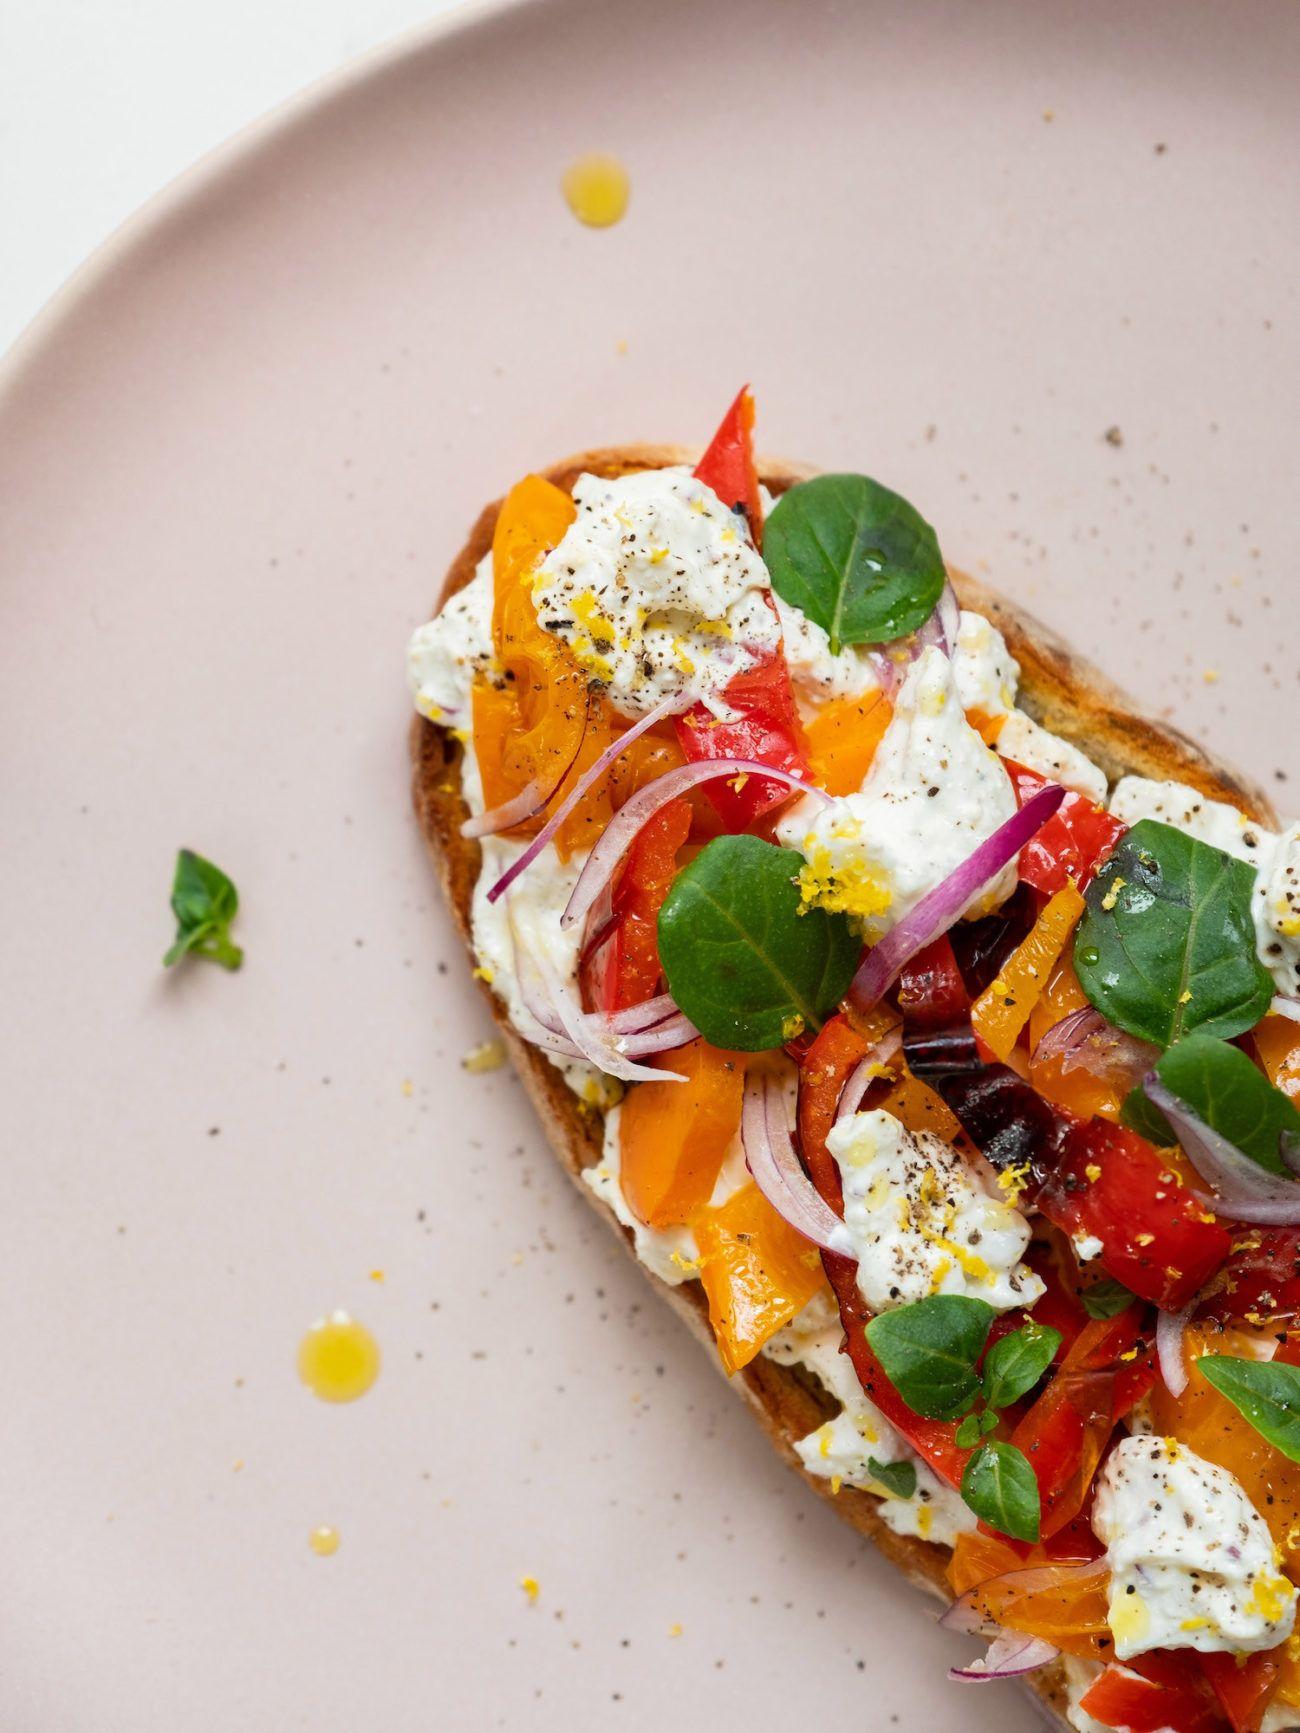 Rezept Sandwich mit Zitronenricotta und gegrillter Paprika, Olivenöl